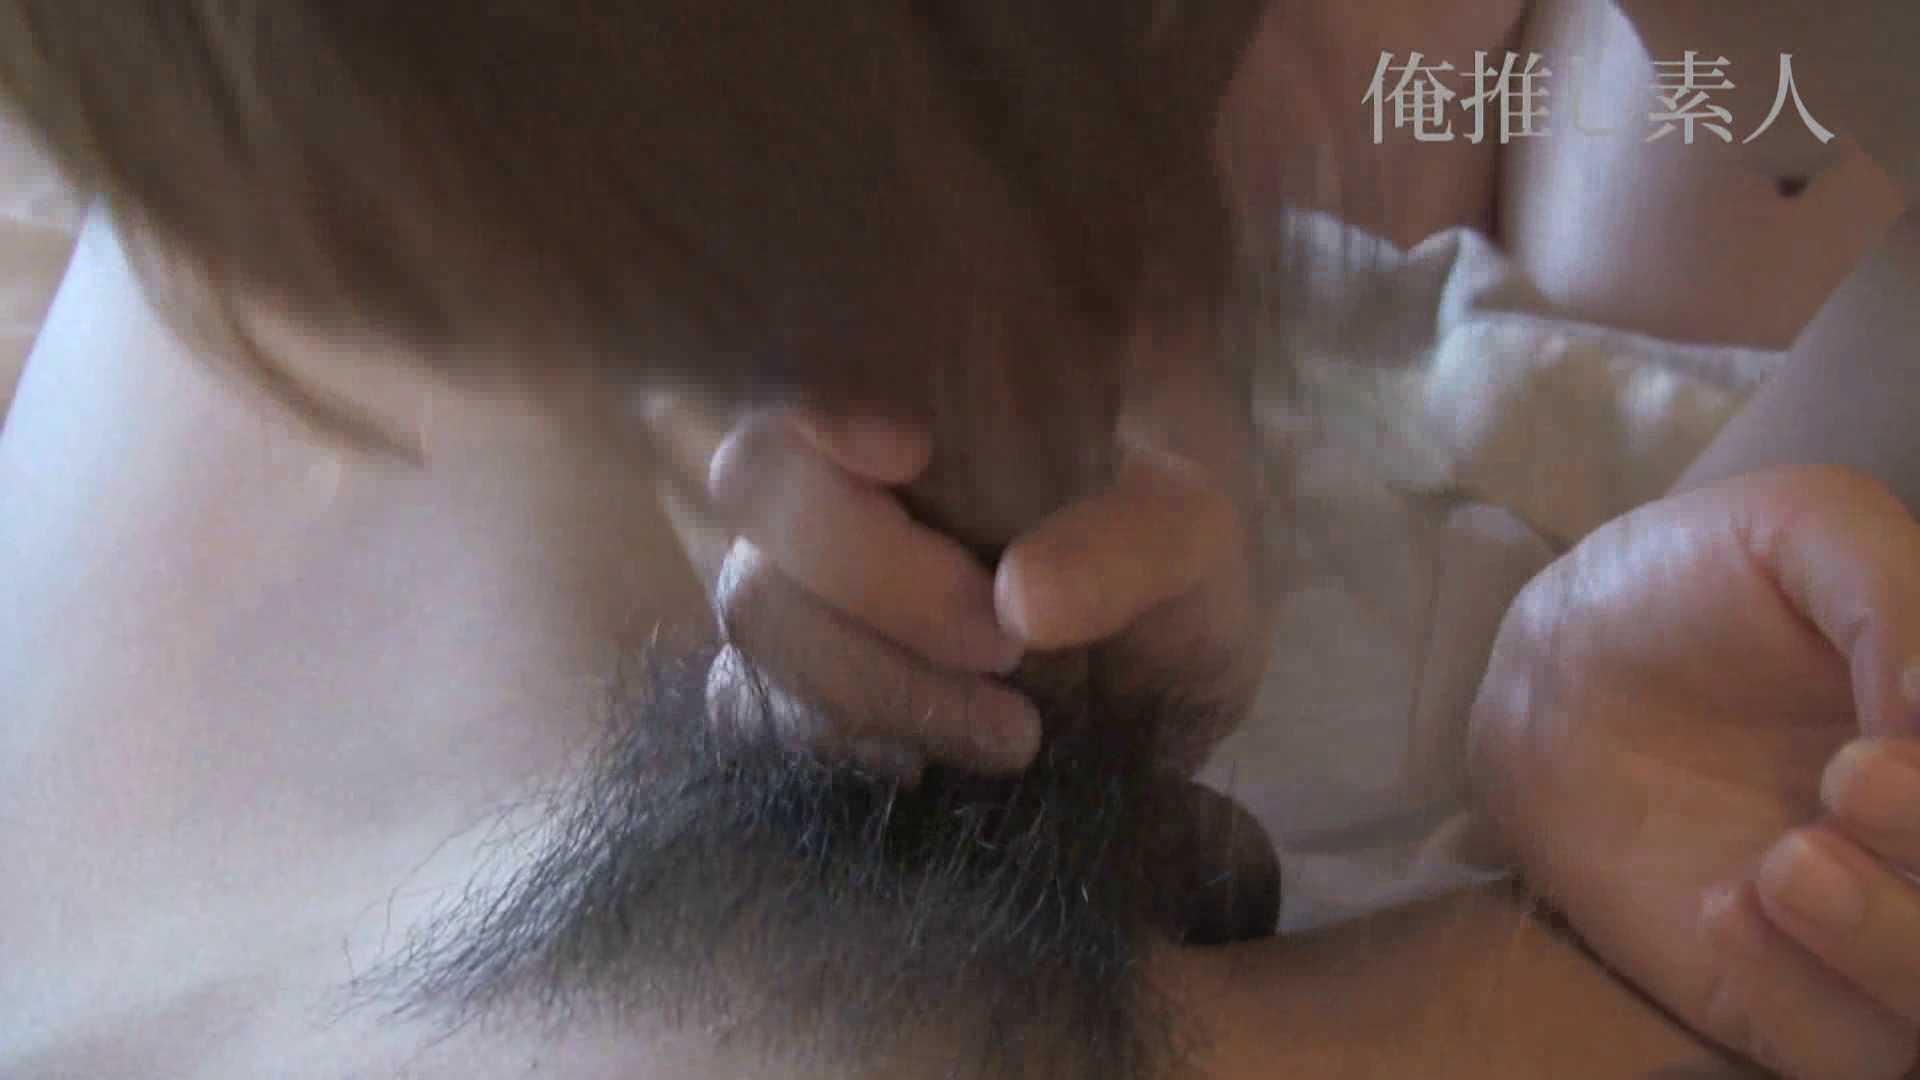 俺推し素人 キャバクラ嬢26歳久美vol5 OL裸体 | ギャル達のセックス  91画像 85